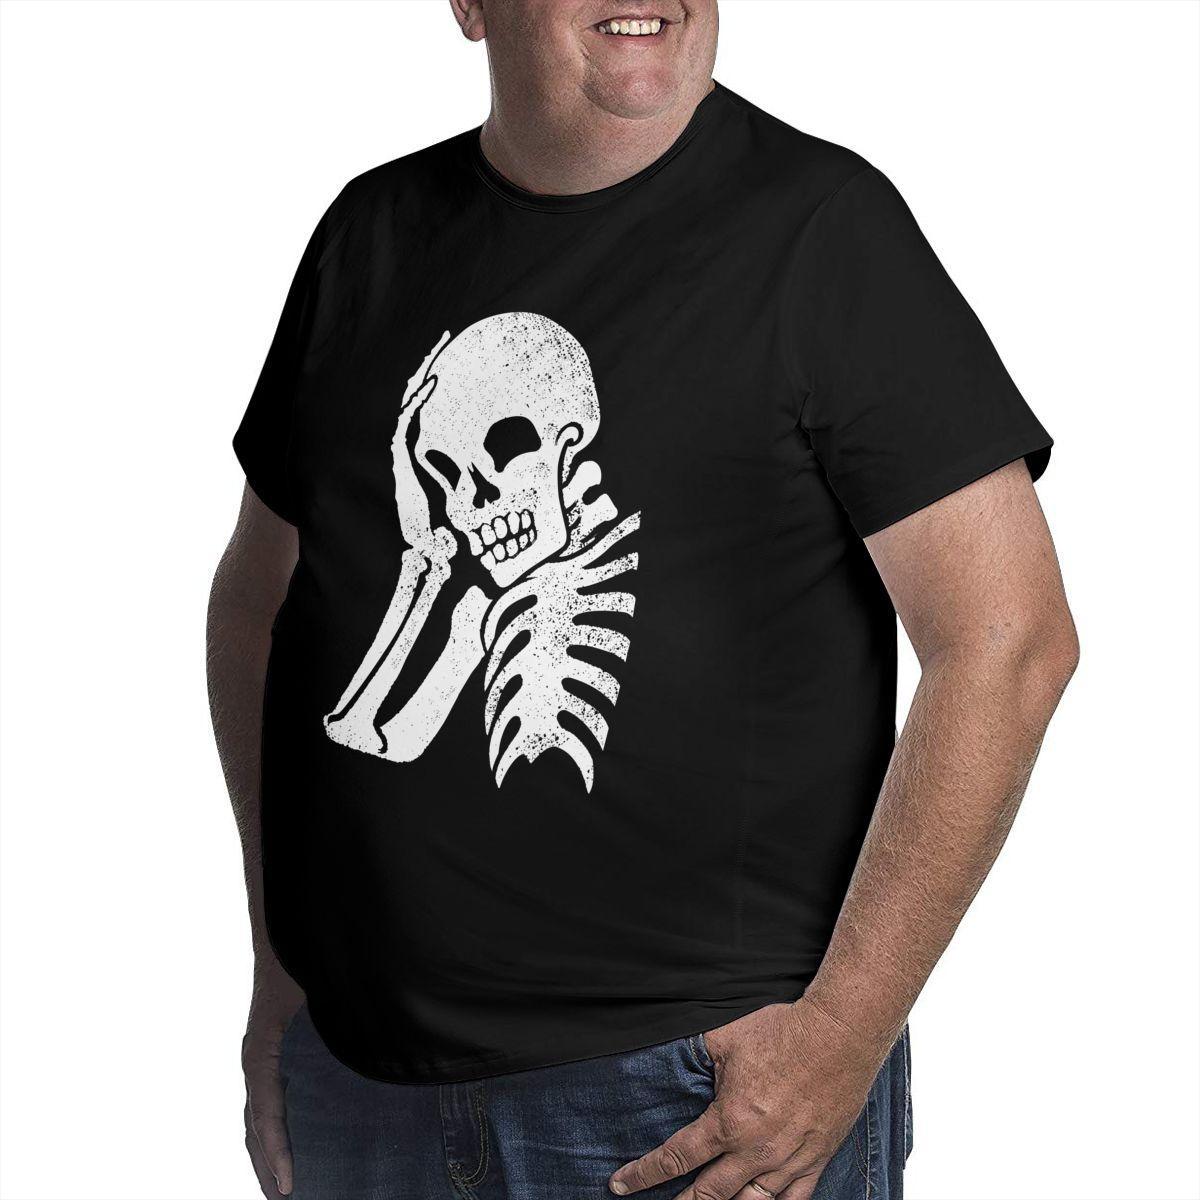 남자 플러스 사이즈 T 셔츠 2021 남자 옷을위한 좋은 품질의 코튼 티셔츠 티 셔츠 셔츠